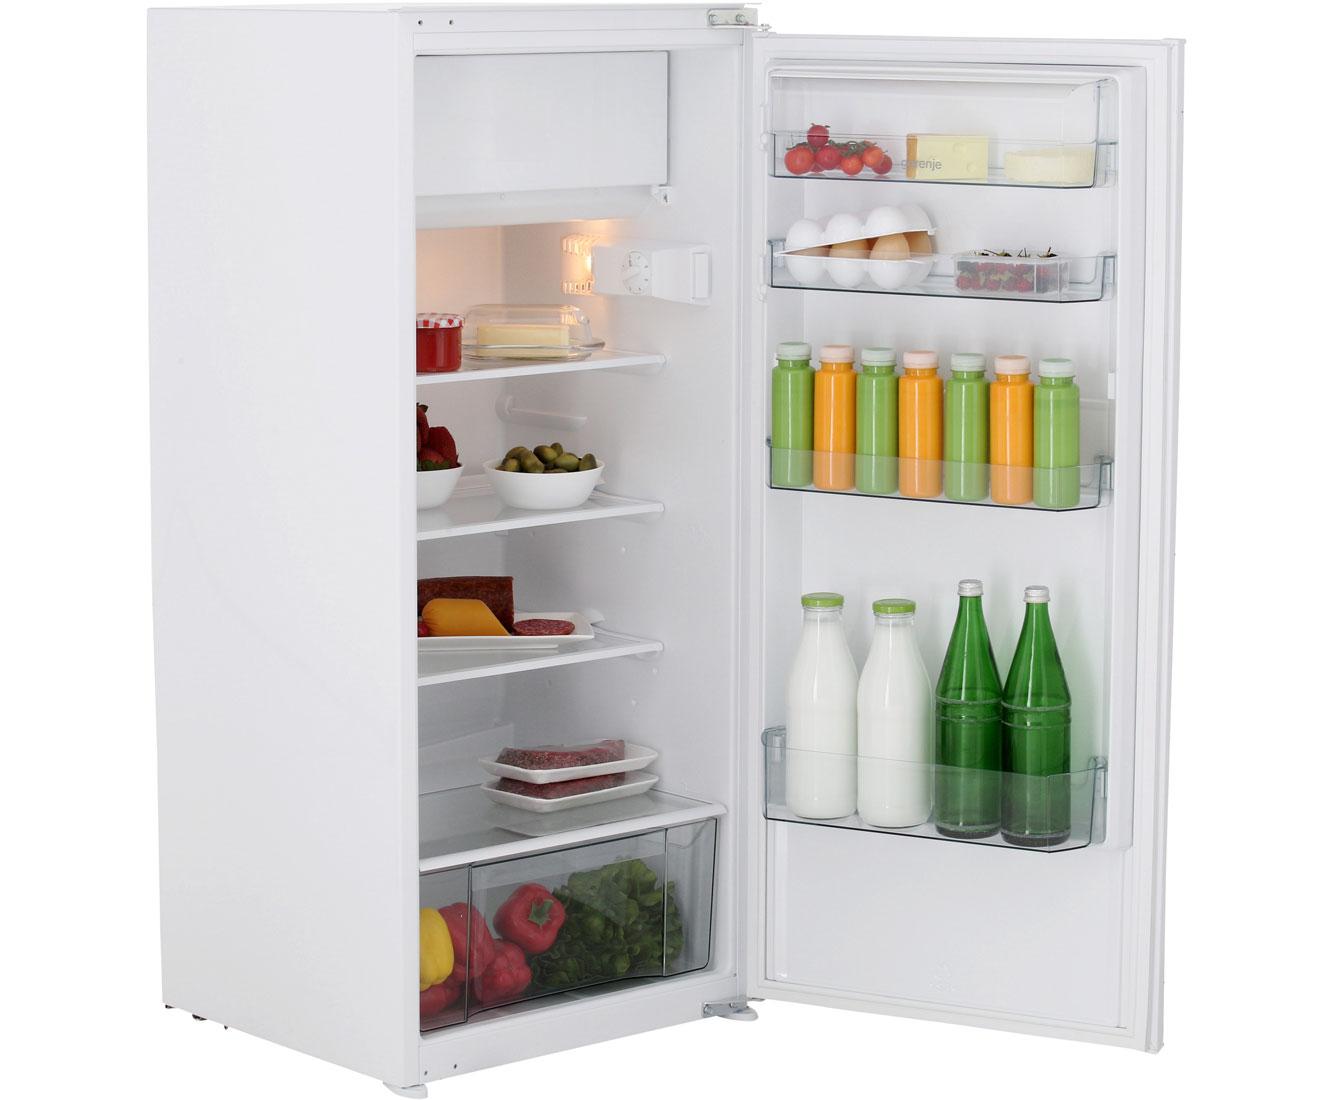 Gorenje Kühlschrank Service : Gorenje rbi aw einbau kühlschrank mit gefrierfach er